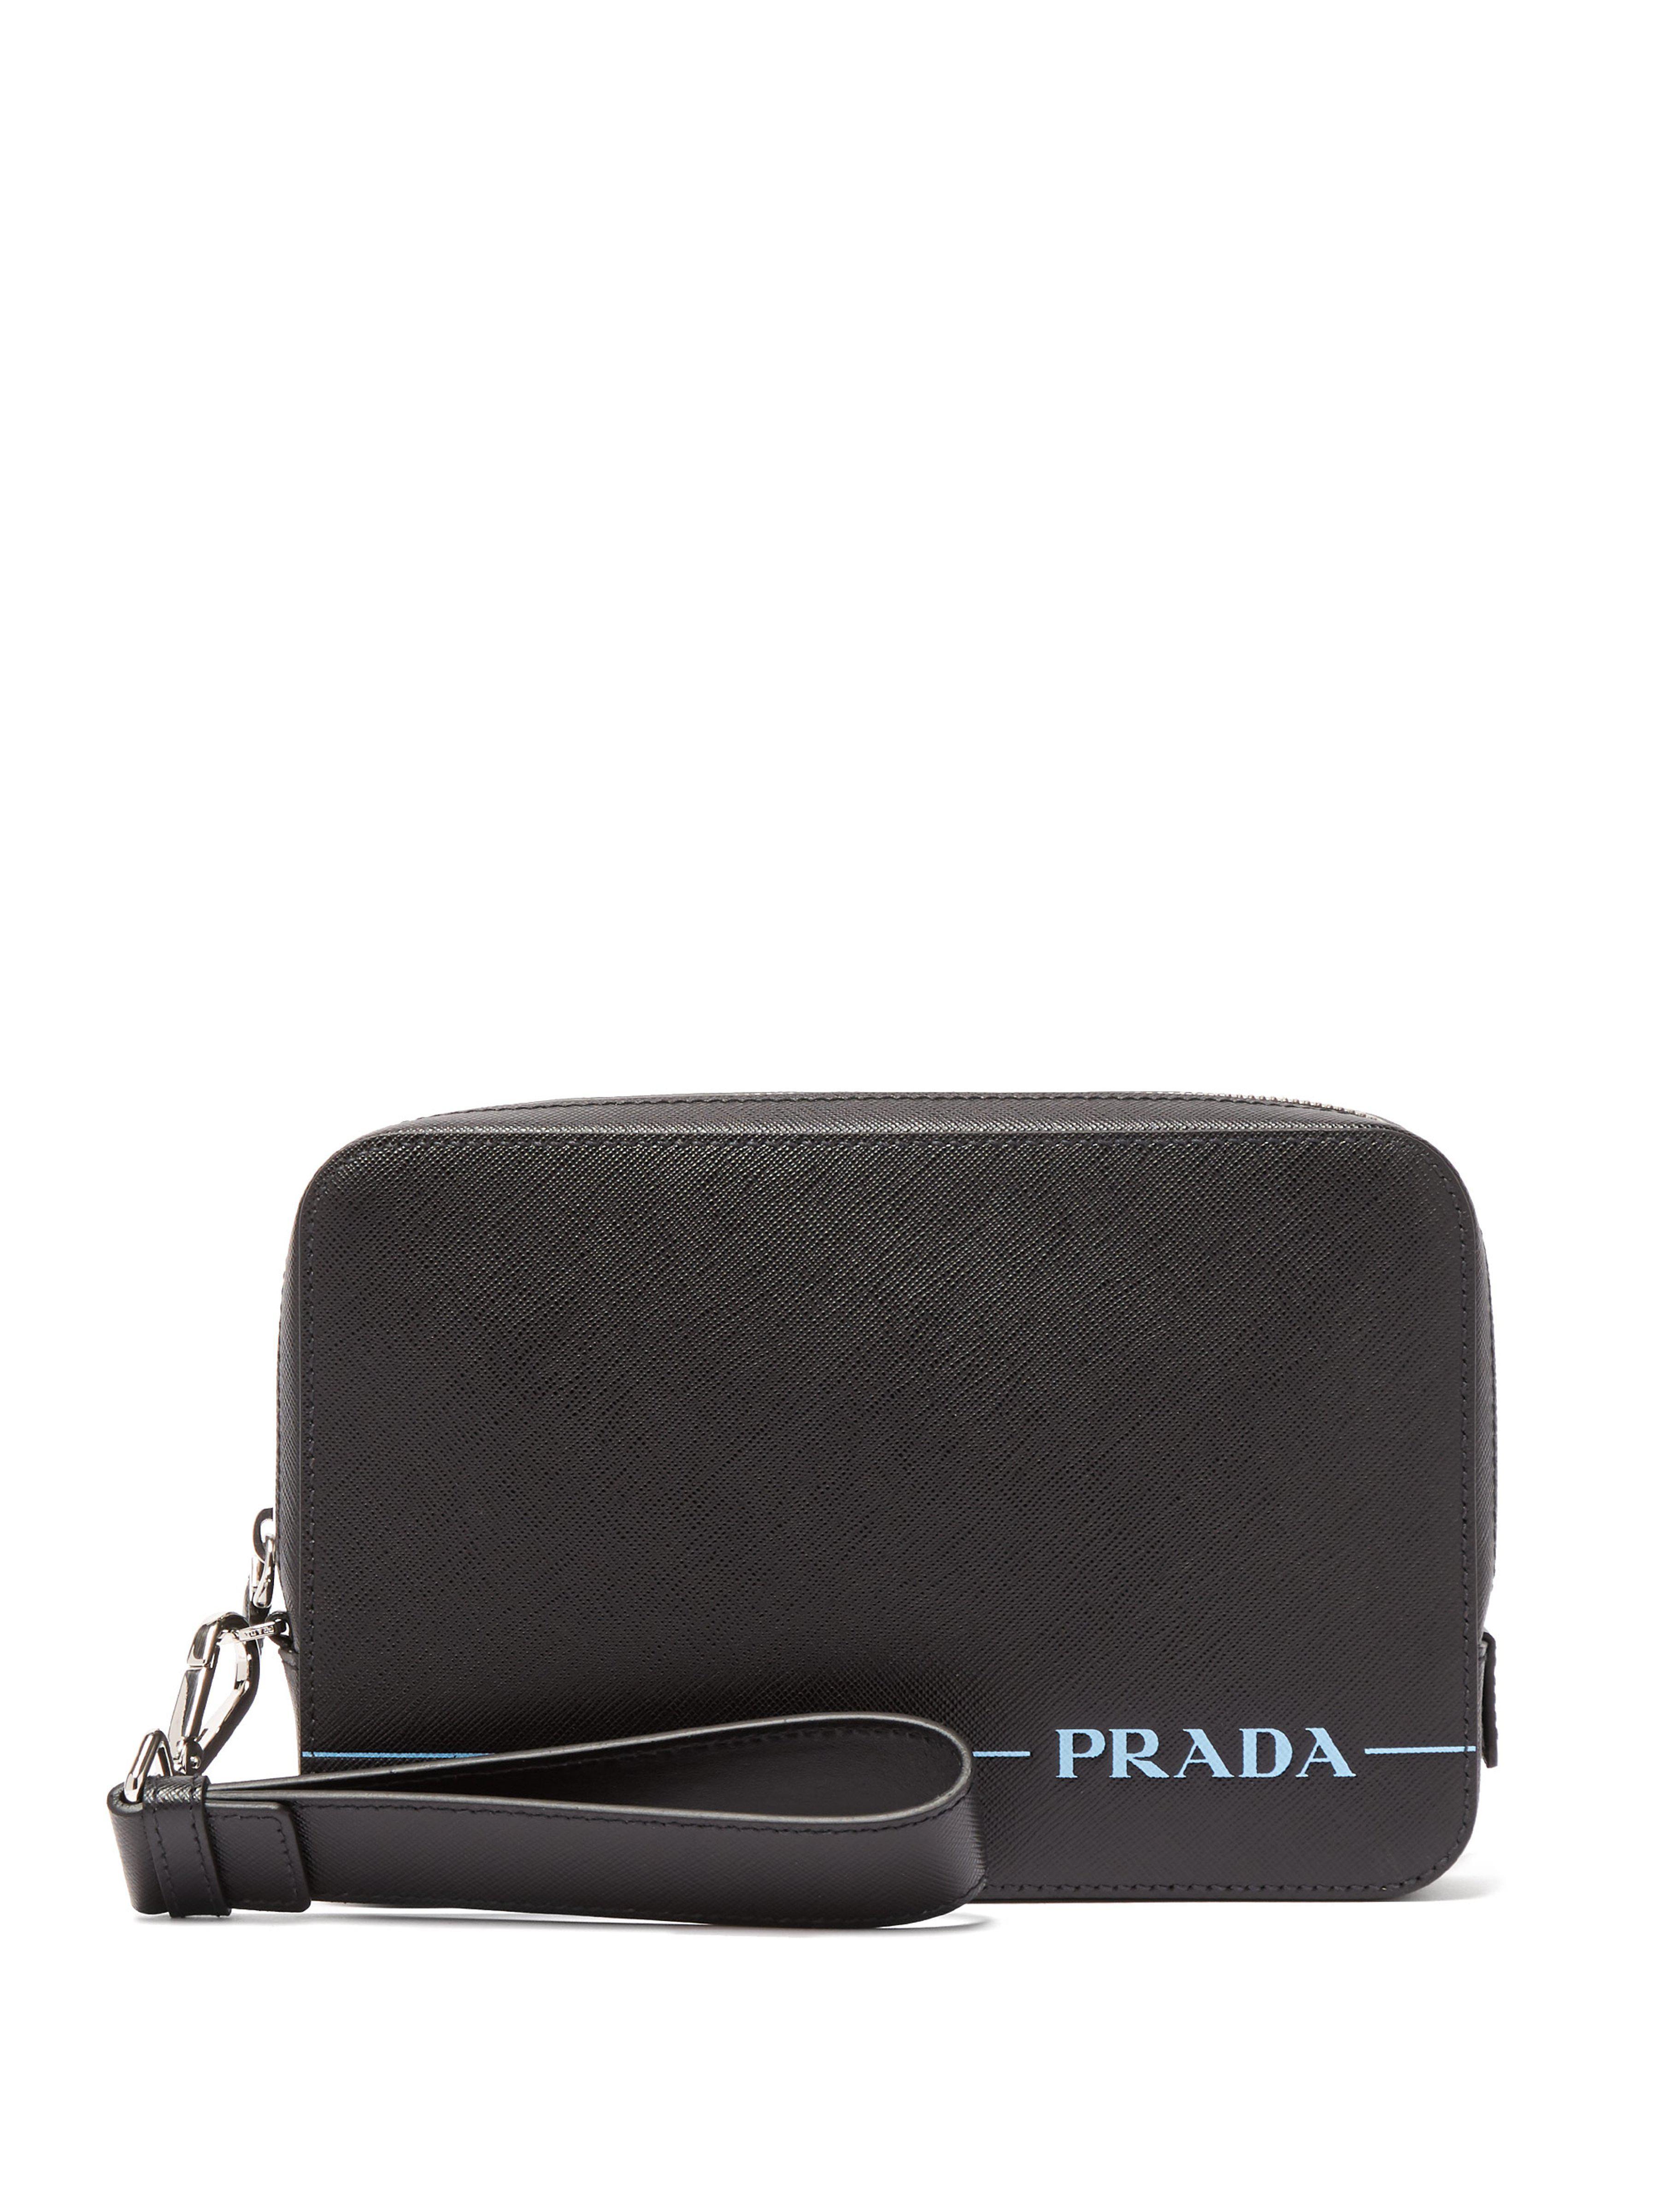 83201084ef3fdb Prada Logo Print Leather Pouch in Black for Men - Lyst